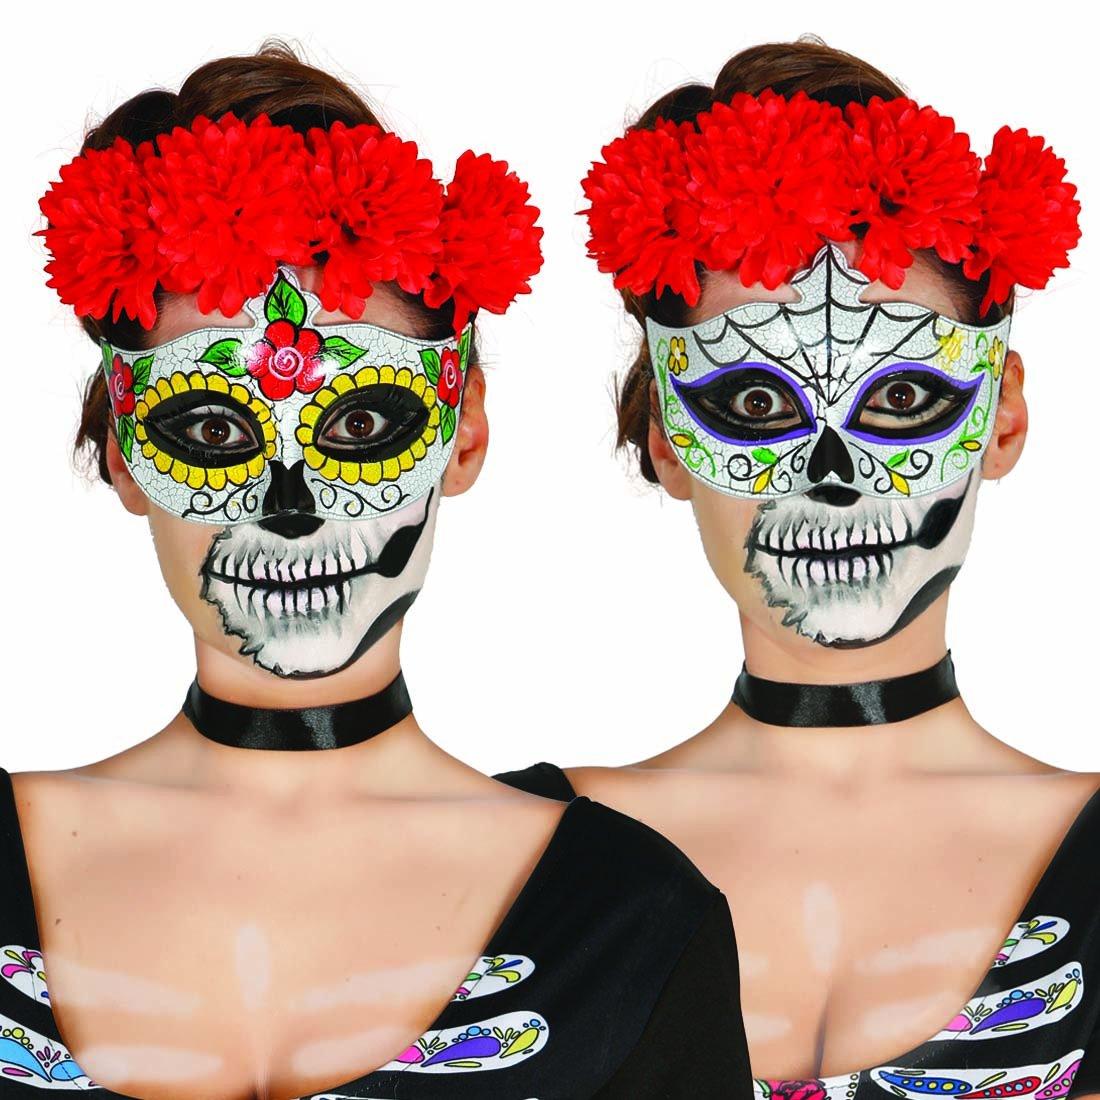 NET TOYS Antifaz Sugar Skull Máscara Mexicana de Muertos Halloween Motivo Hombre Media mascarilla La Catrina Careta Día de los Muertos Cara Calavera Rostro ...